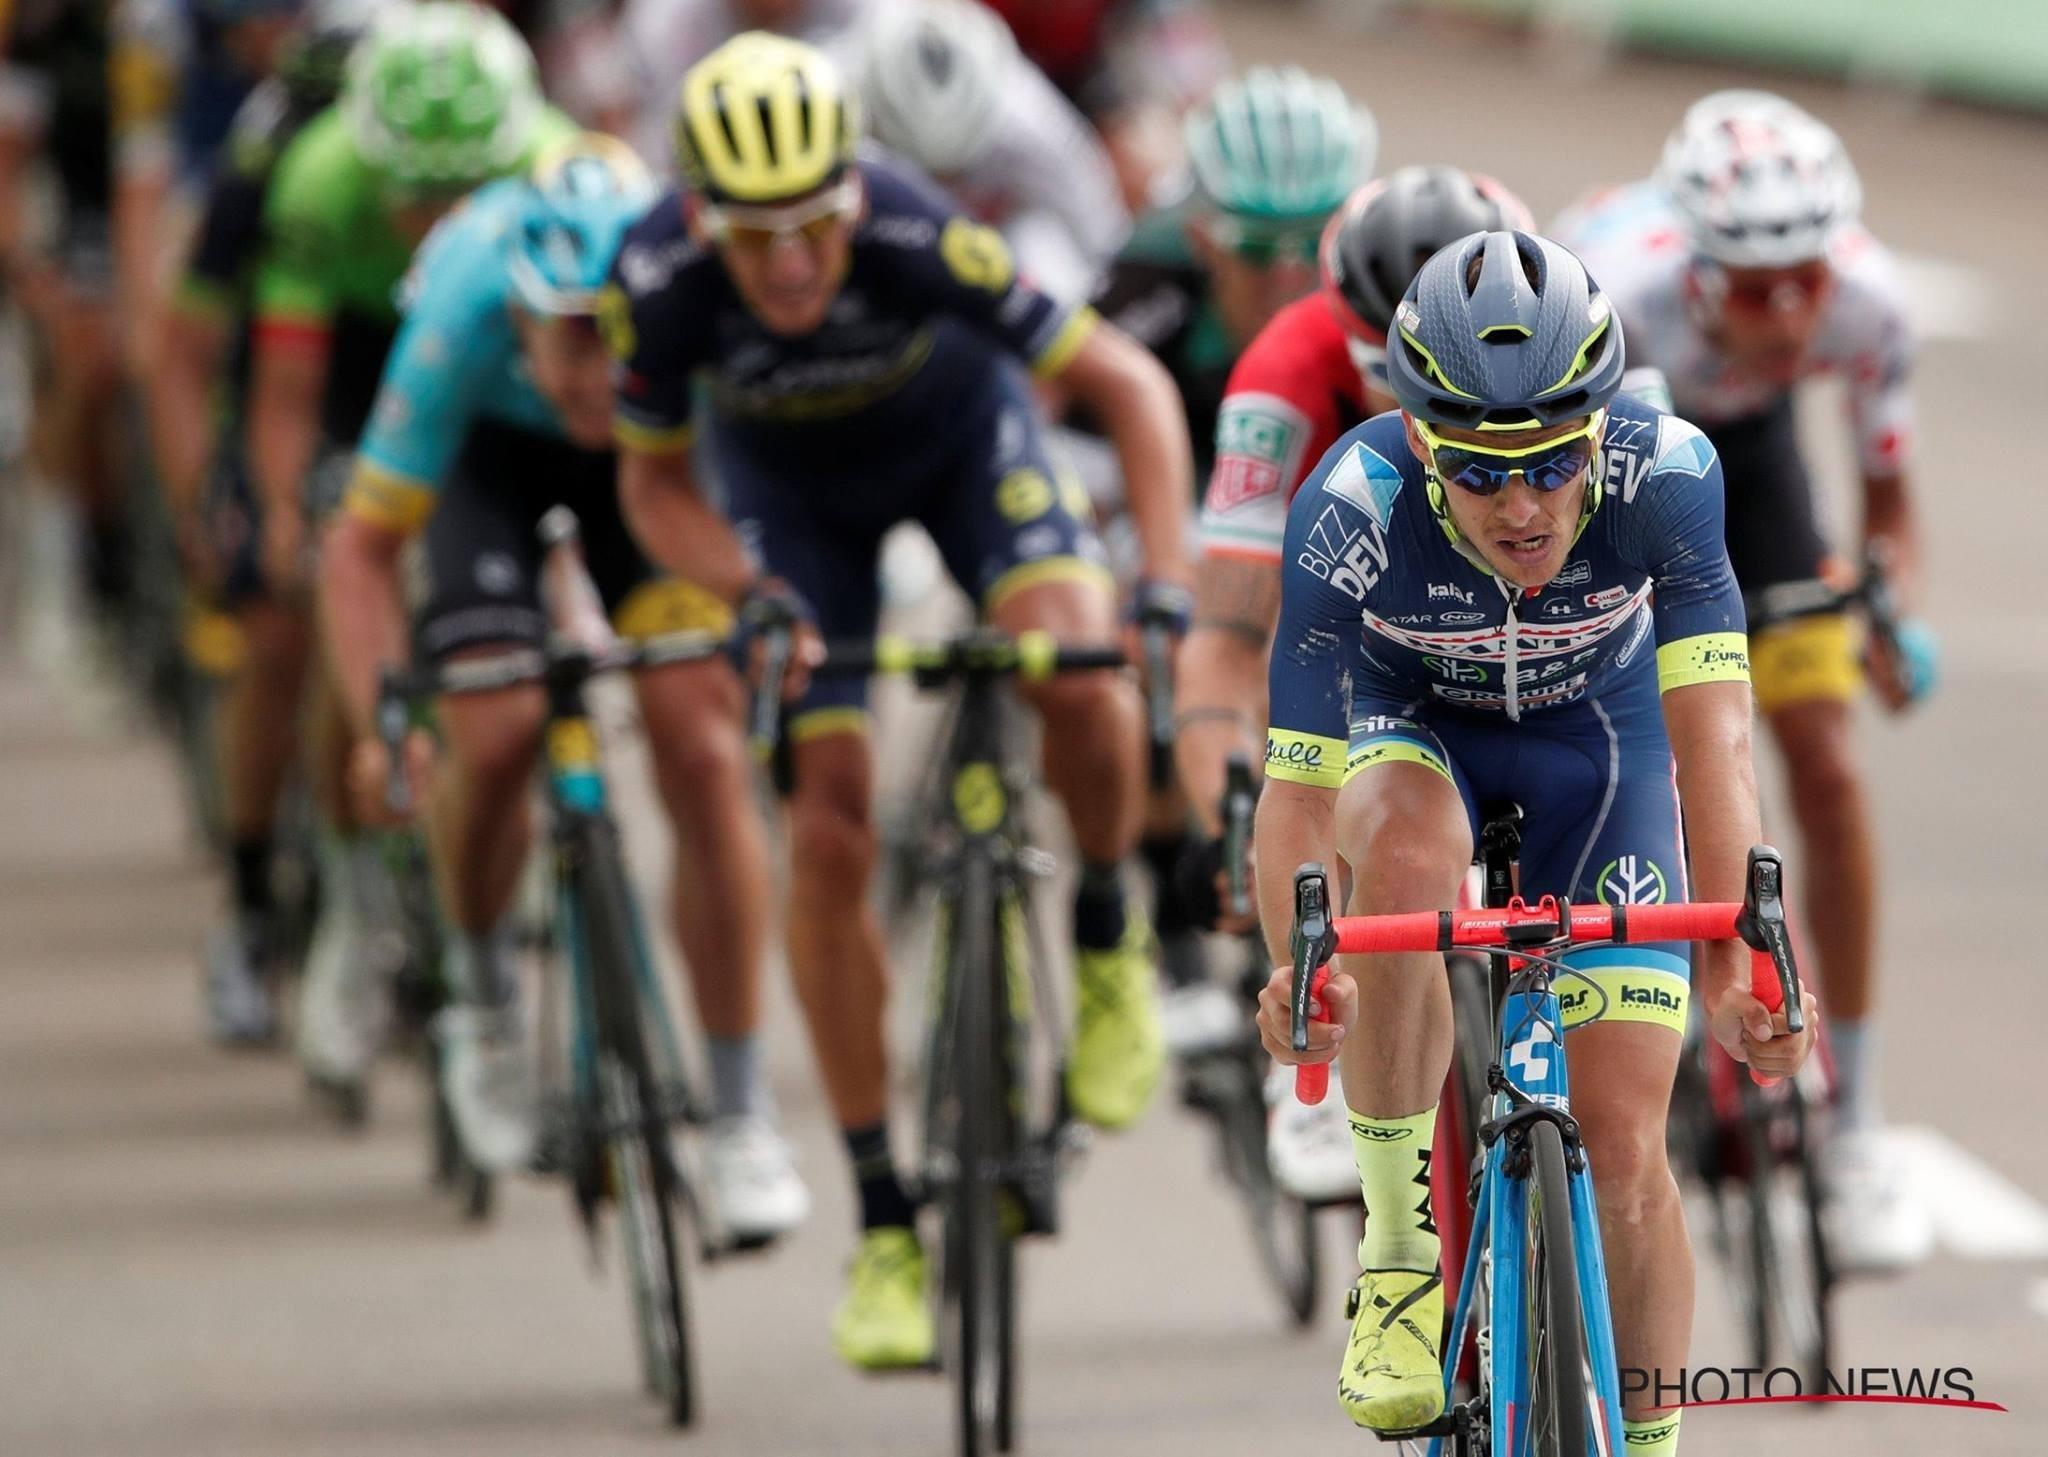 Guillaume Martin domine le peloton dans le dernier kilomètre de la 8ème étape au guidon de son Litening C:68.